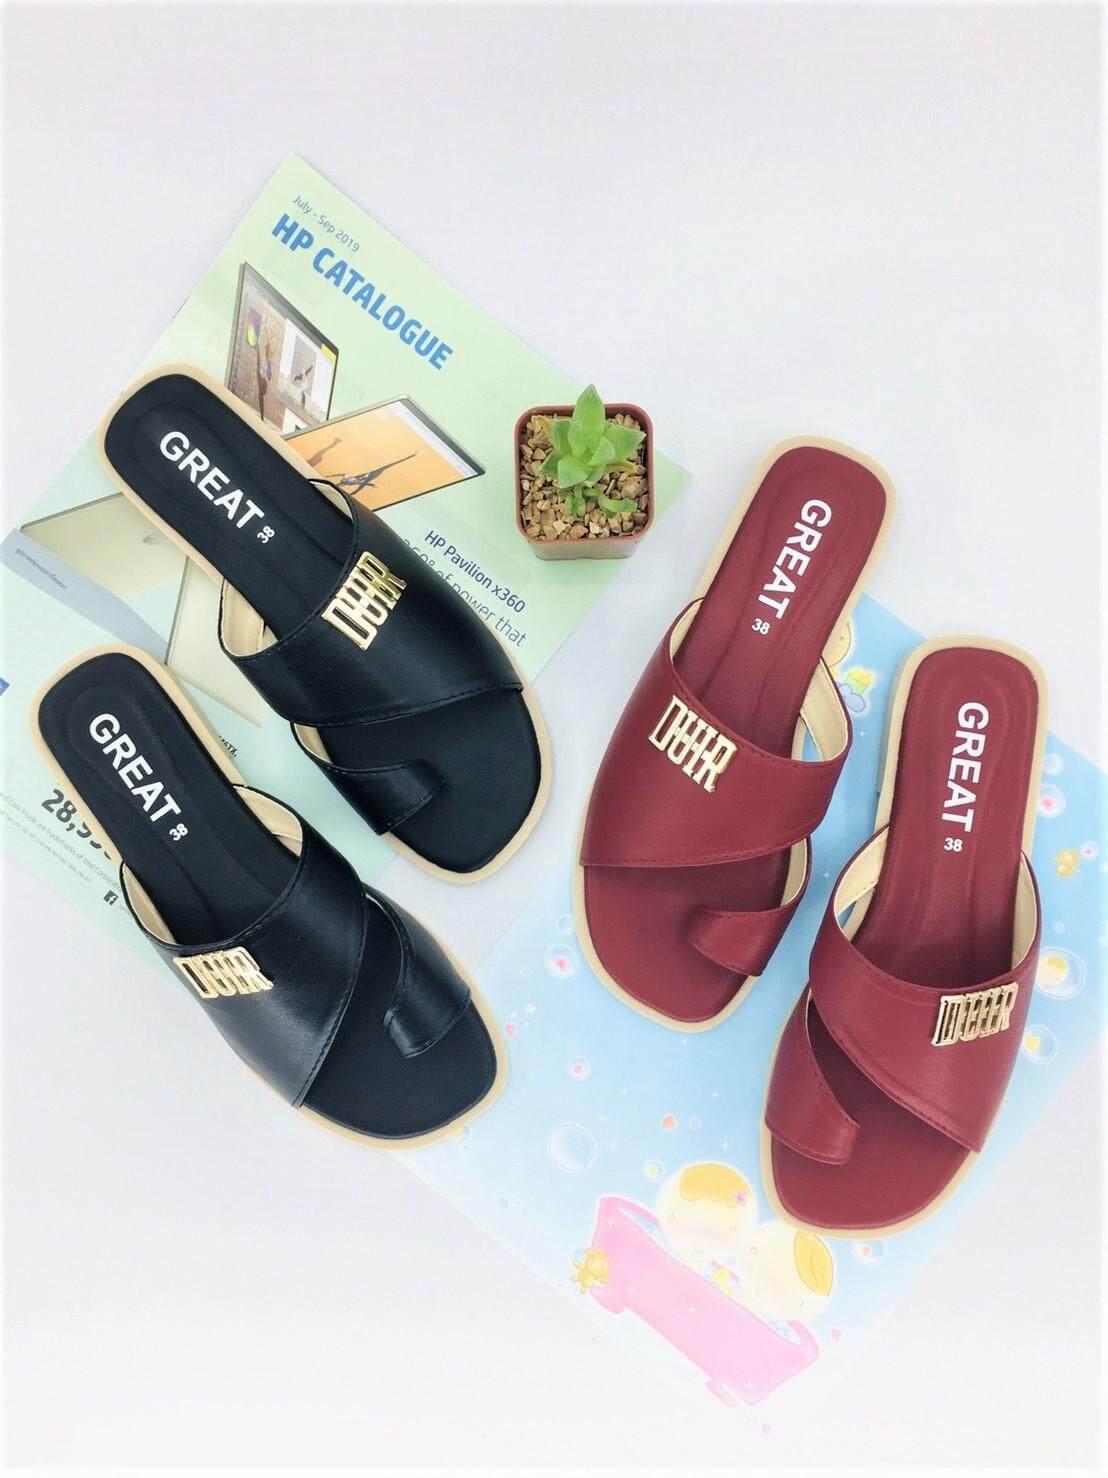 รองเท้าแตะลำลองแบบสวม รองเท้าแฟชั่น ดีไซน์ดูเรียบเก๋สวยงาม รองเท้าพื้นนิ่ม เป็นหนังpu นูบัคหนังนิ่ม สวมใส่สบาย คุณภาพคุ้มราคา มี 4 สี ให้เลือก.